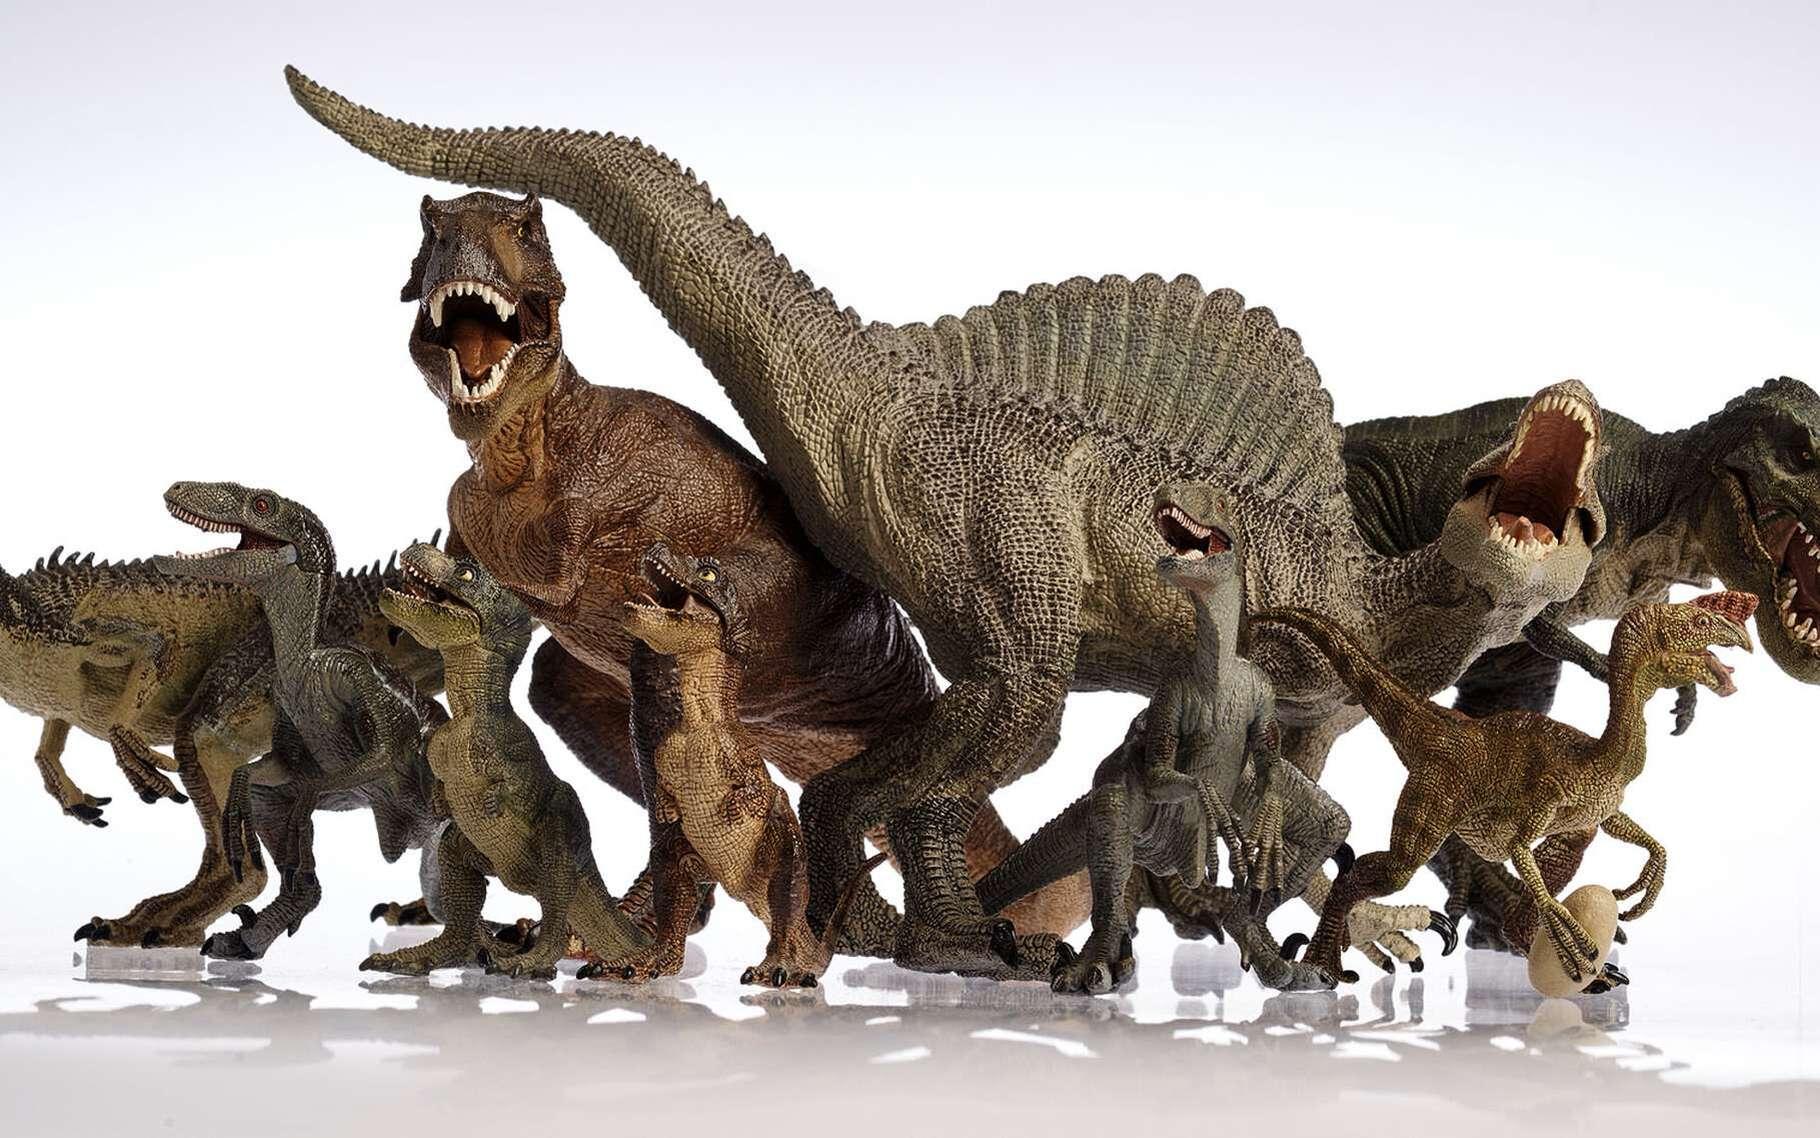 Les dinosaures étaient très diversifiés. © Metha1819, Shutterstock